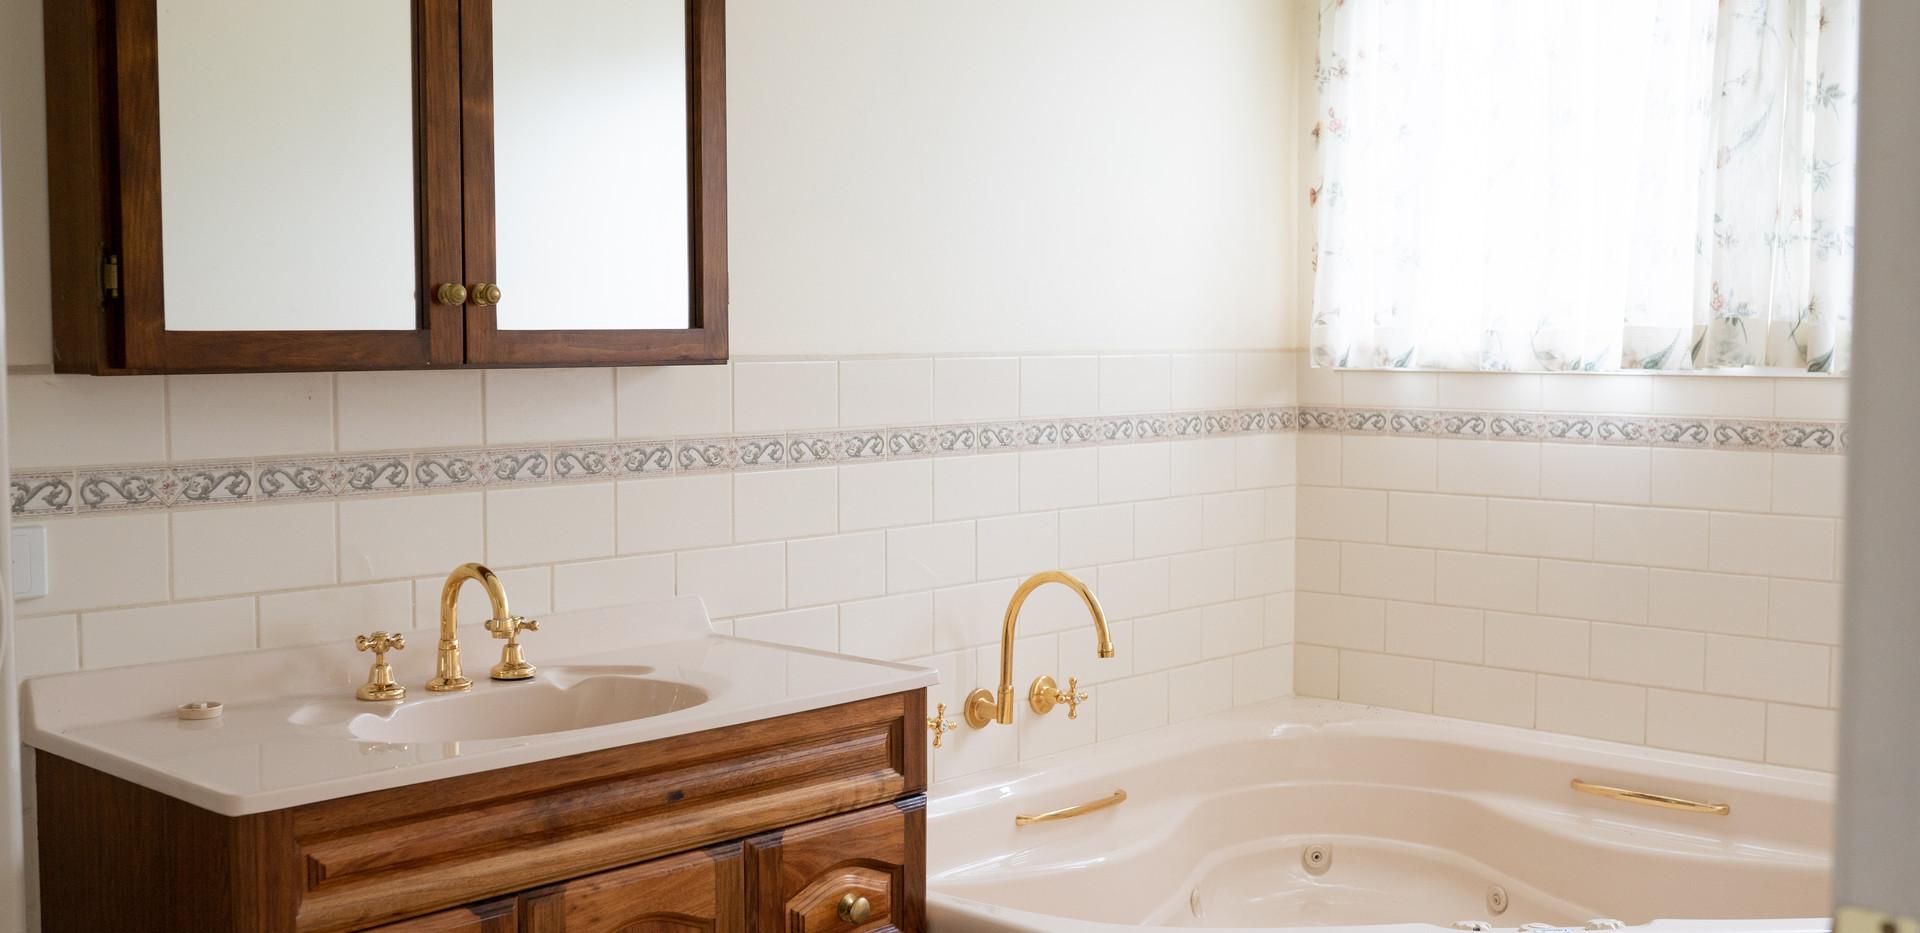 Unit 54 Bathroom